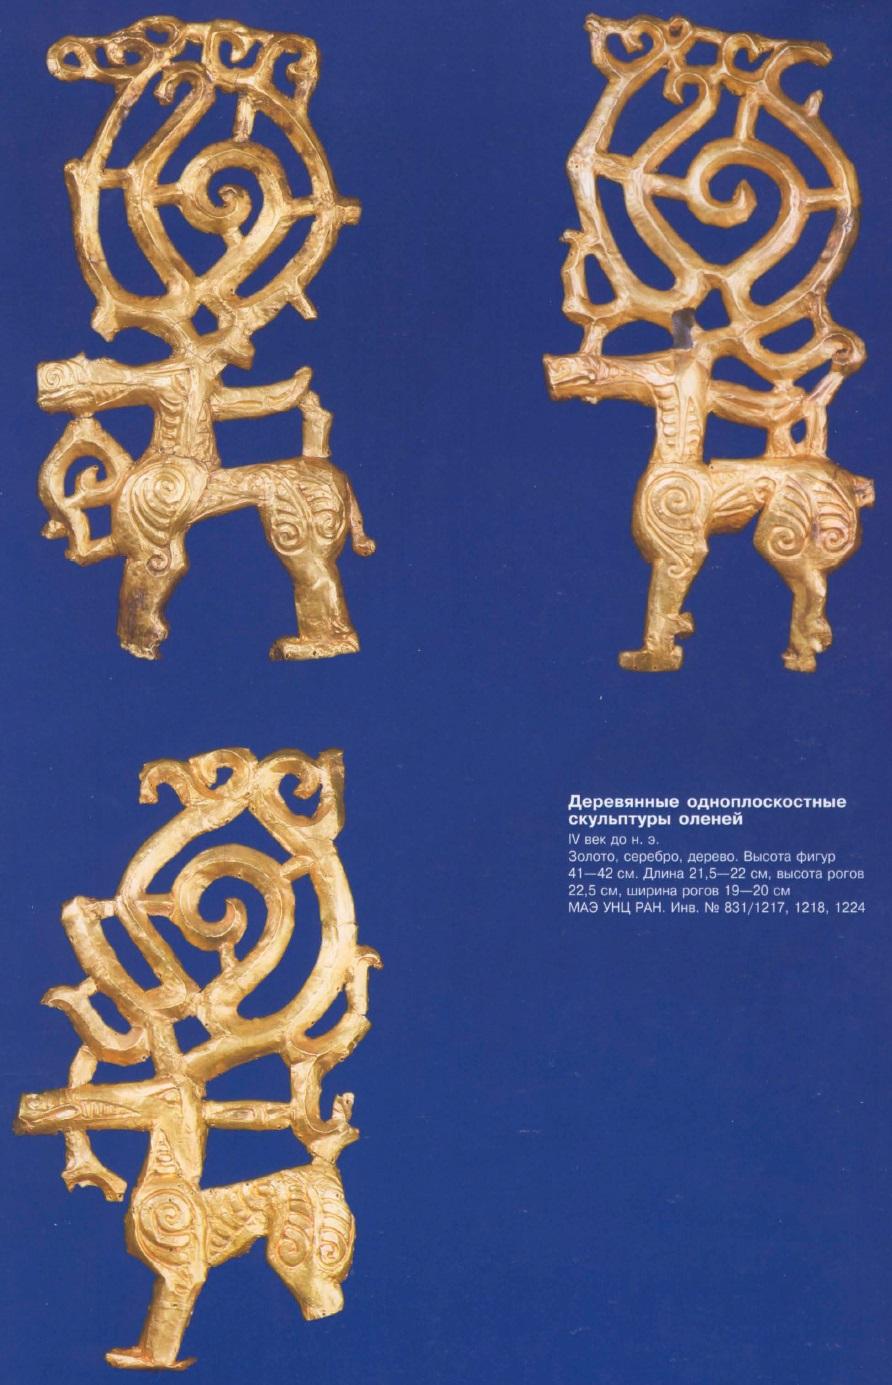 Деревянные одноплоскостные скульптуры оленей. IV век до н. э. Золото, серебро, дерево. Высота фигур 41—42 см. Длина 21,5—22 см, высота рогов 22,5 см, ширина рогов 19—20 см. МАЭ УНЦ РАН. Инв. № 831/1217, 1218, 1224.